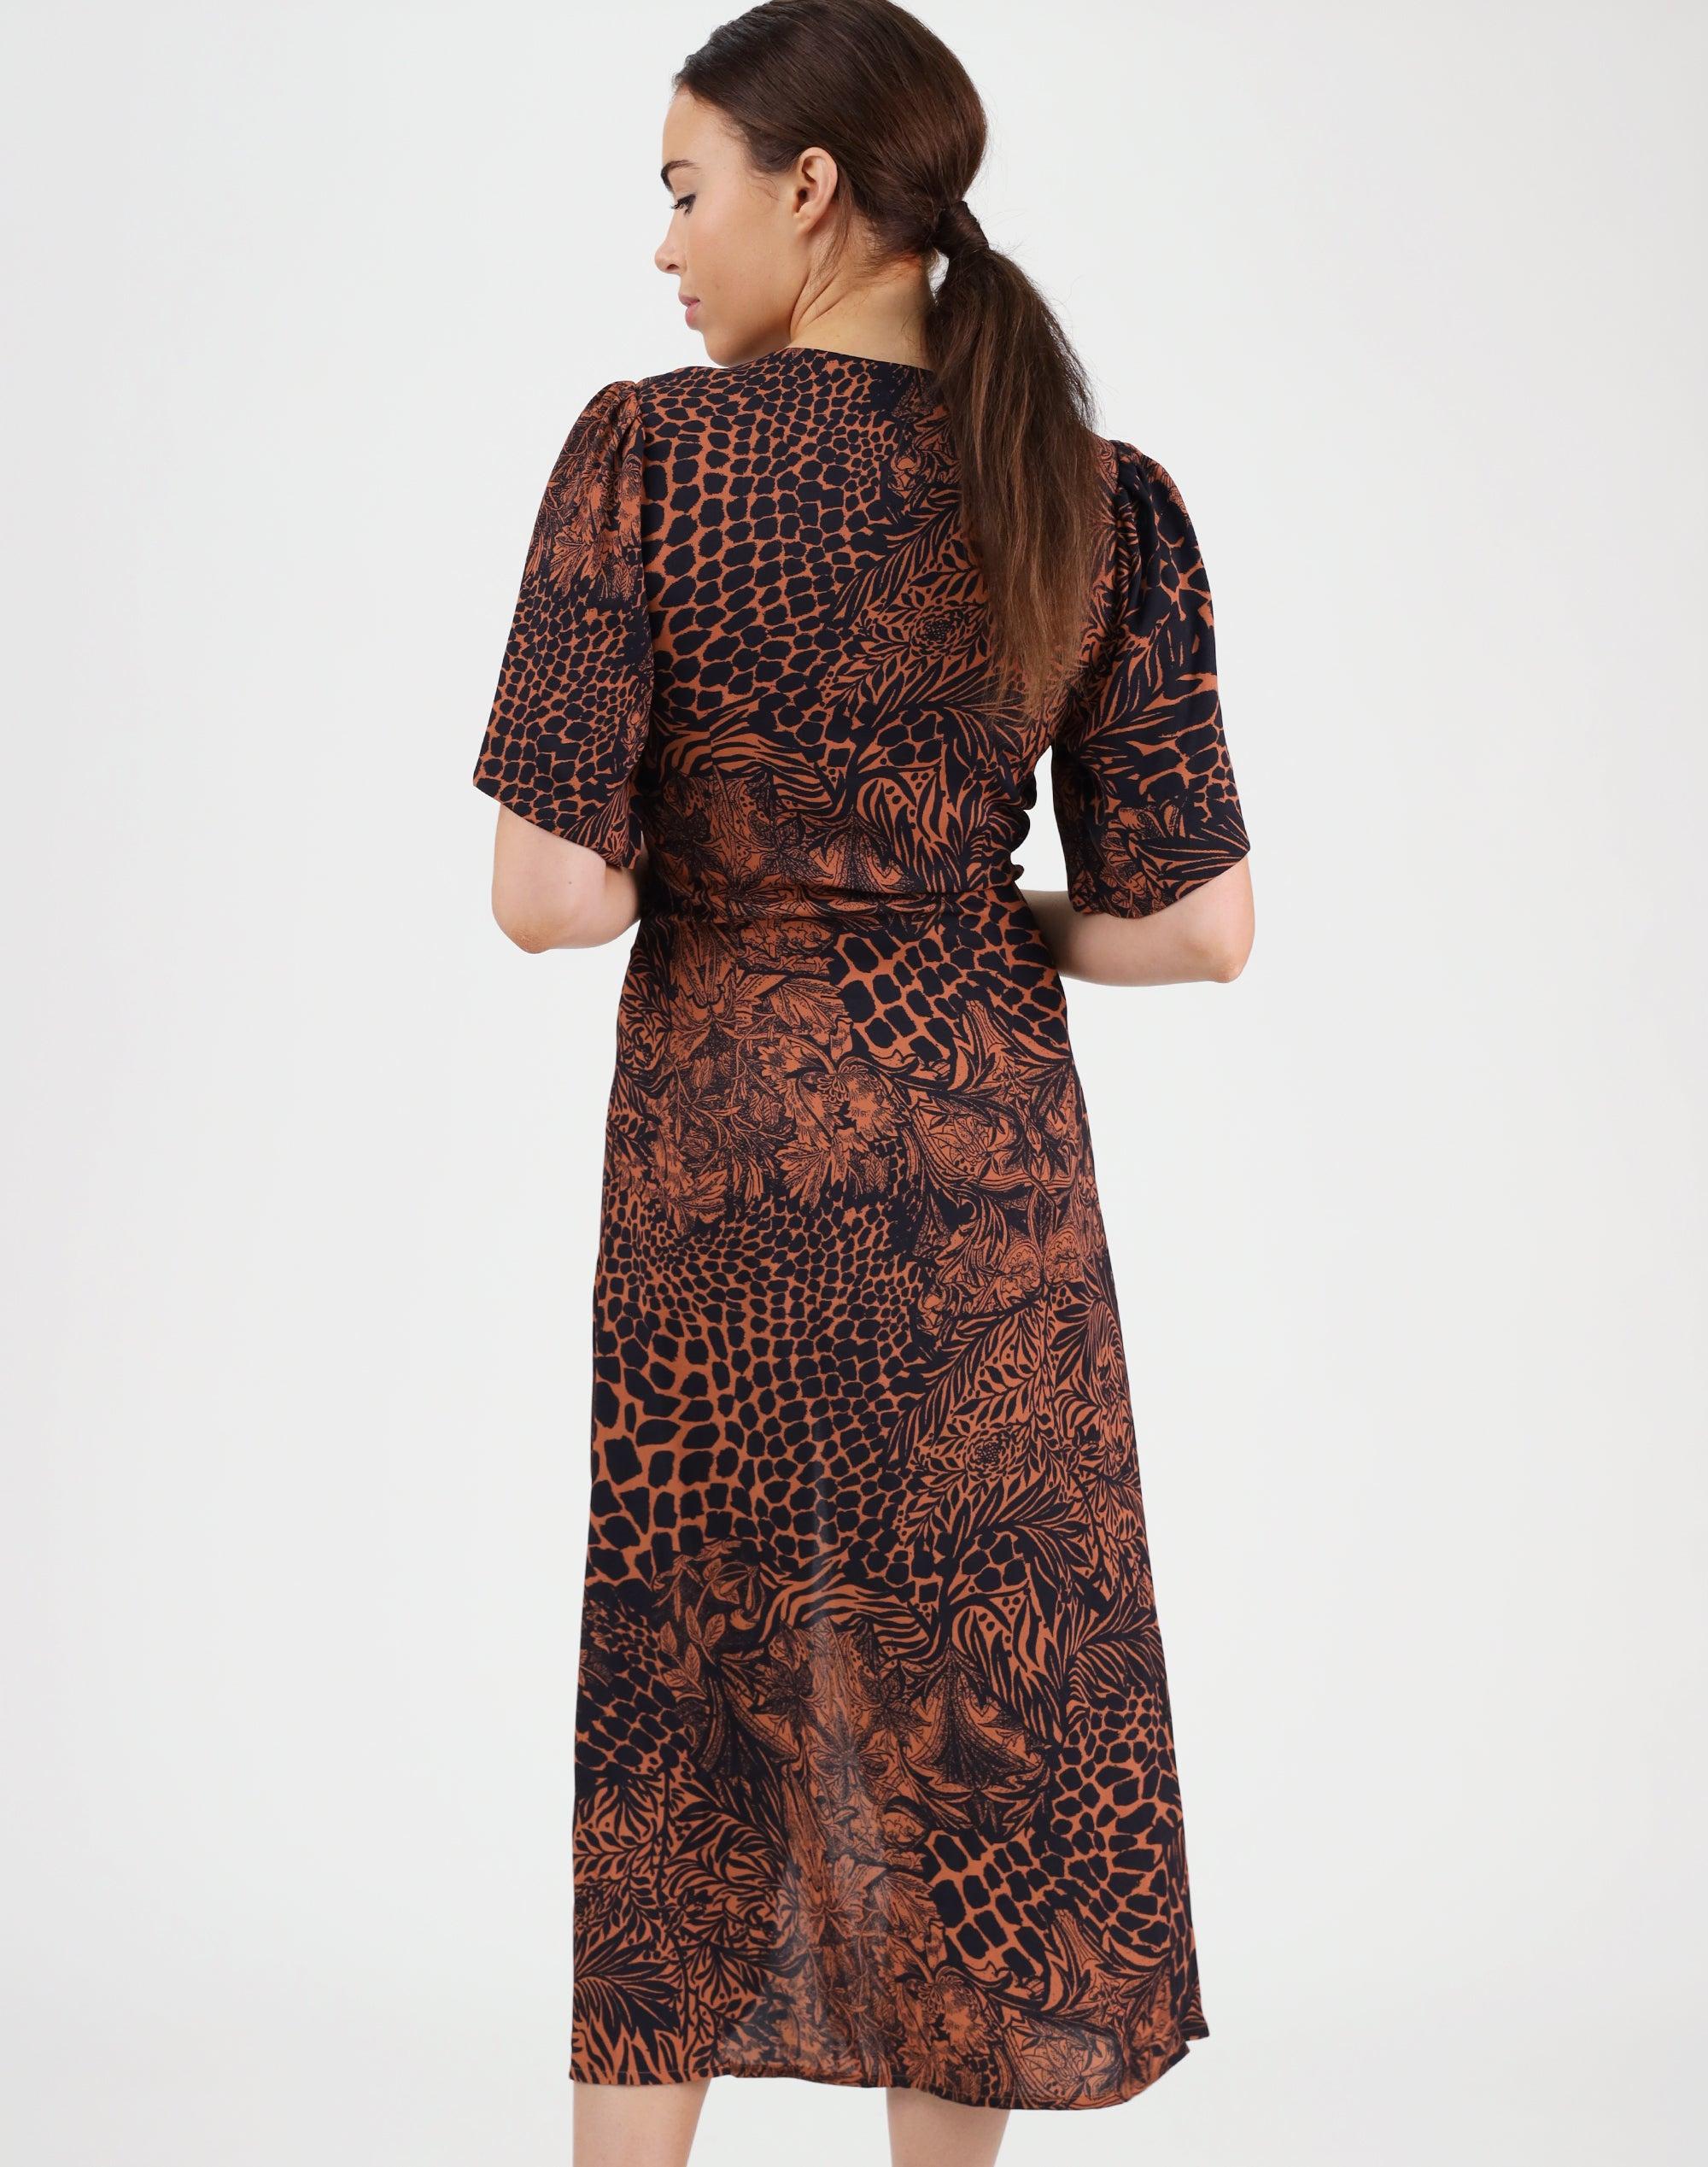 Tokyo Print Dress